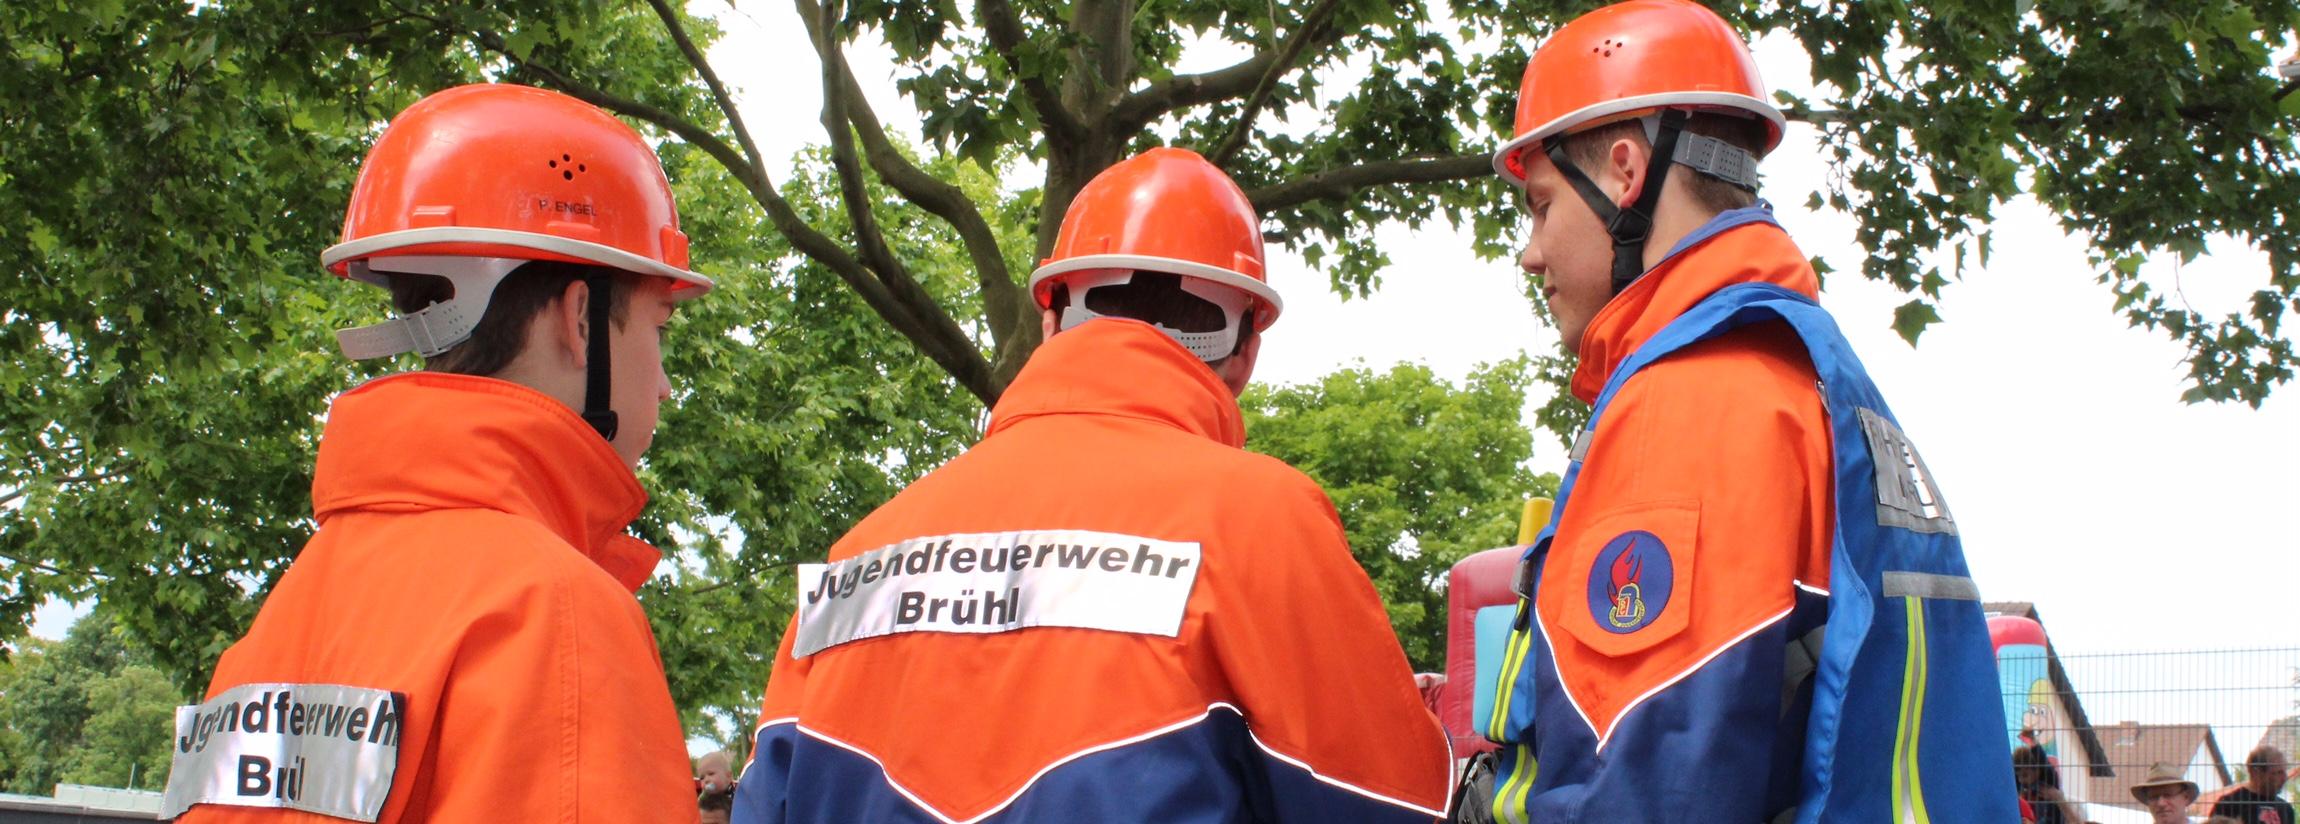 Jugendfeuerwehr Brühl Logo